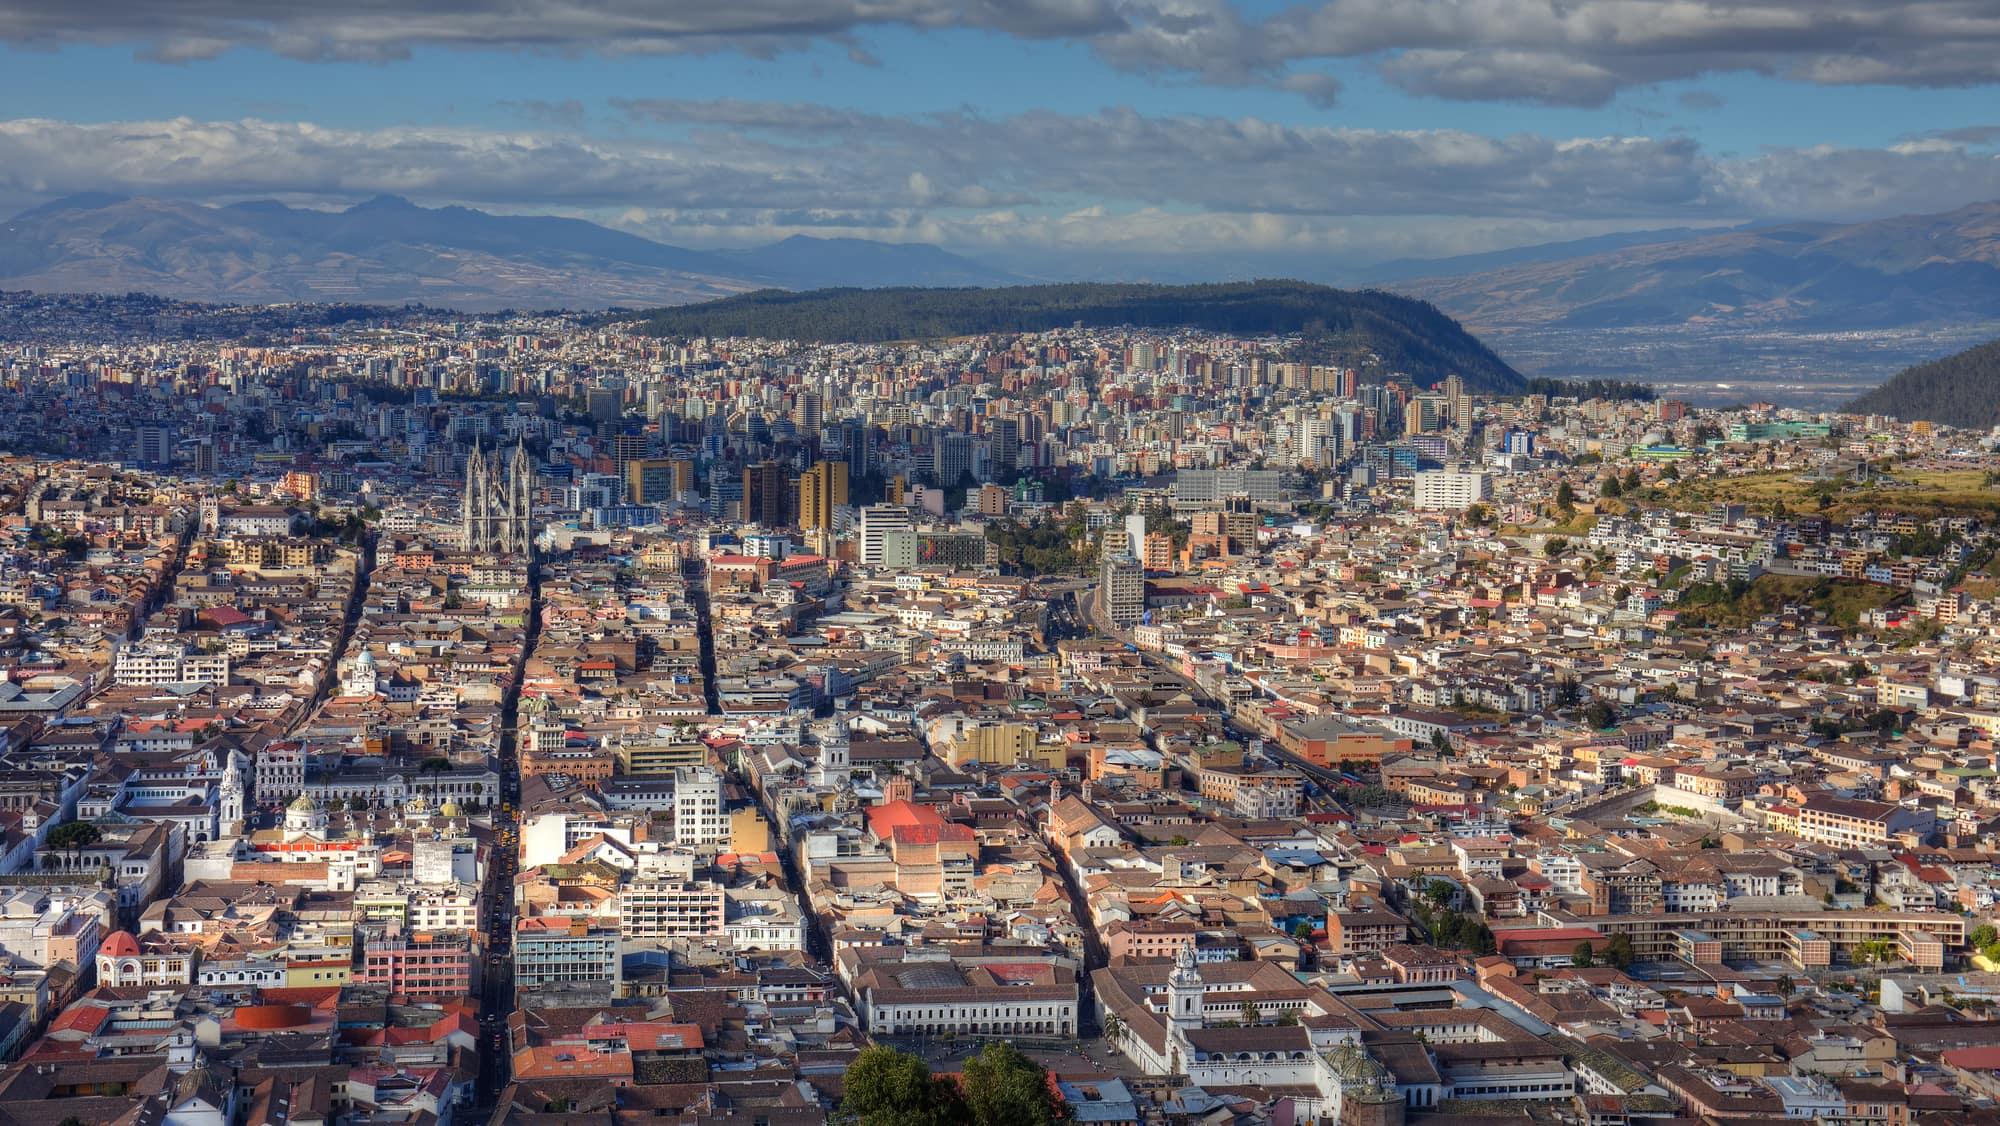 エクアドル、なぜほぼ全国民の情報漏れたのか | 中南米 | 東洋経済 ...